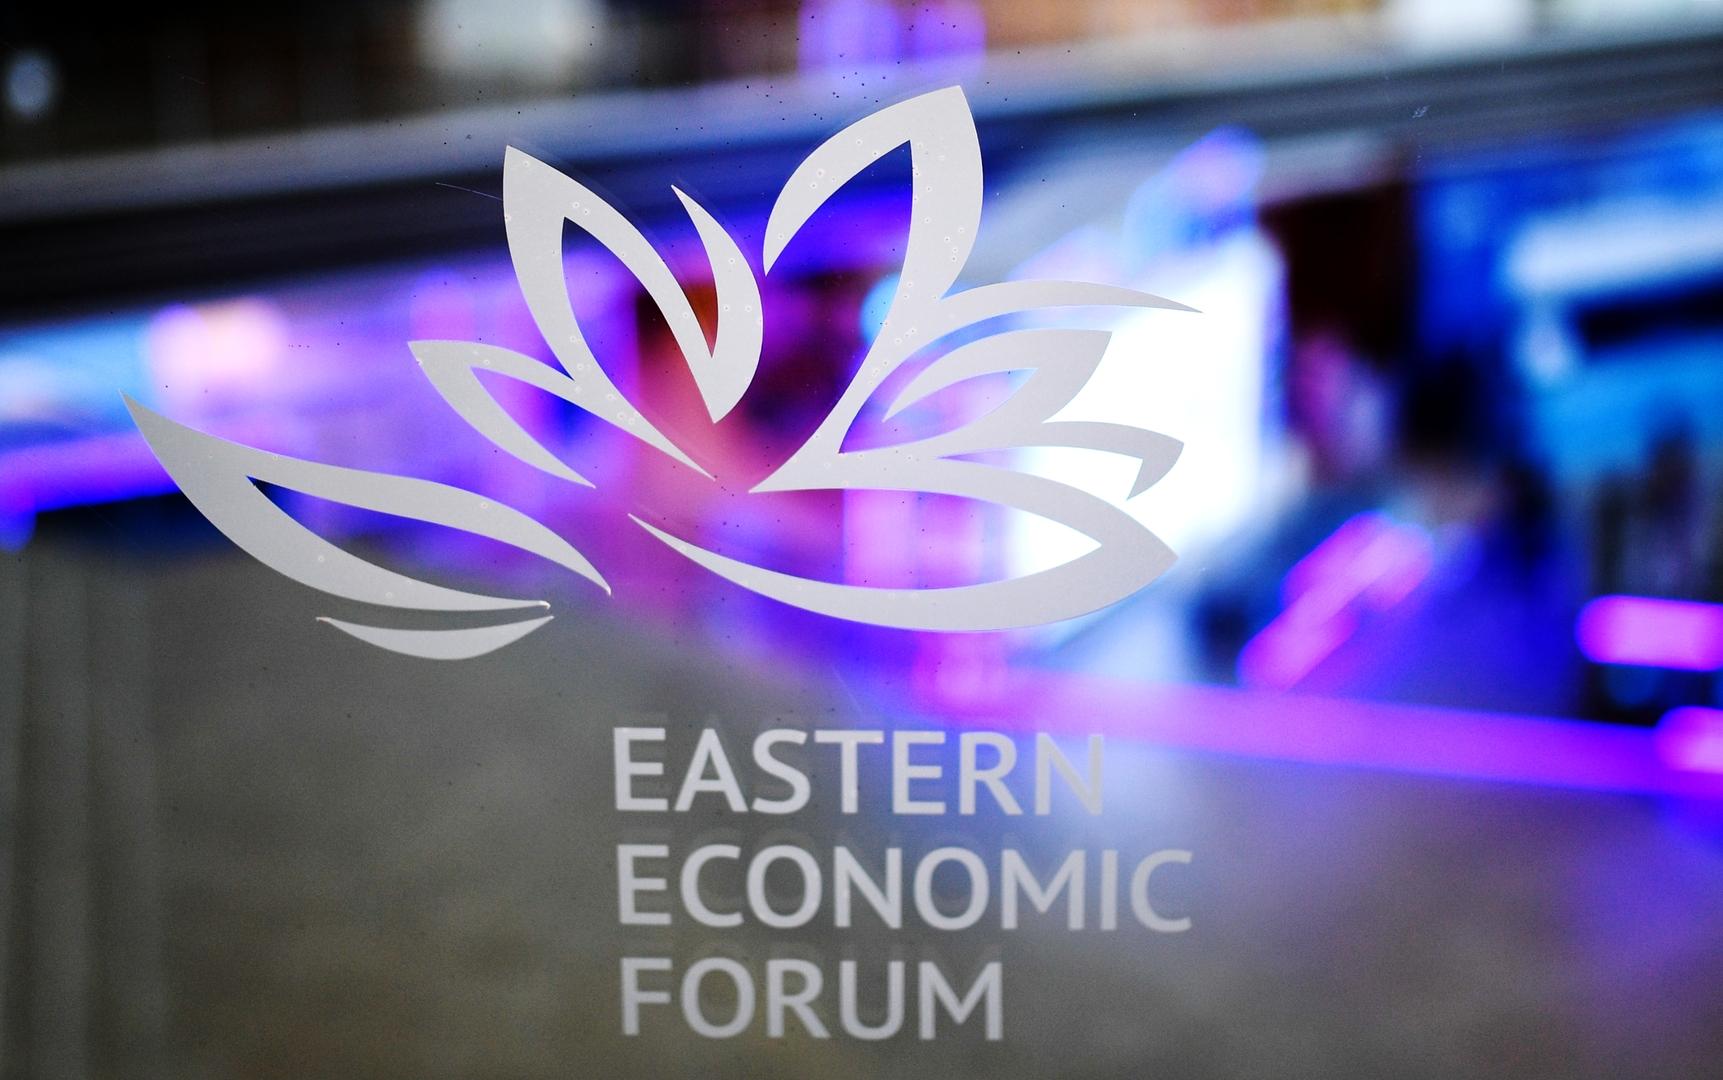 أكثر من 60 دولة مشاركة.. انطلاق منتدى الشرق الاقتصادي في روسيا